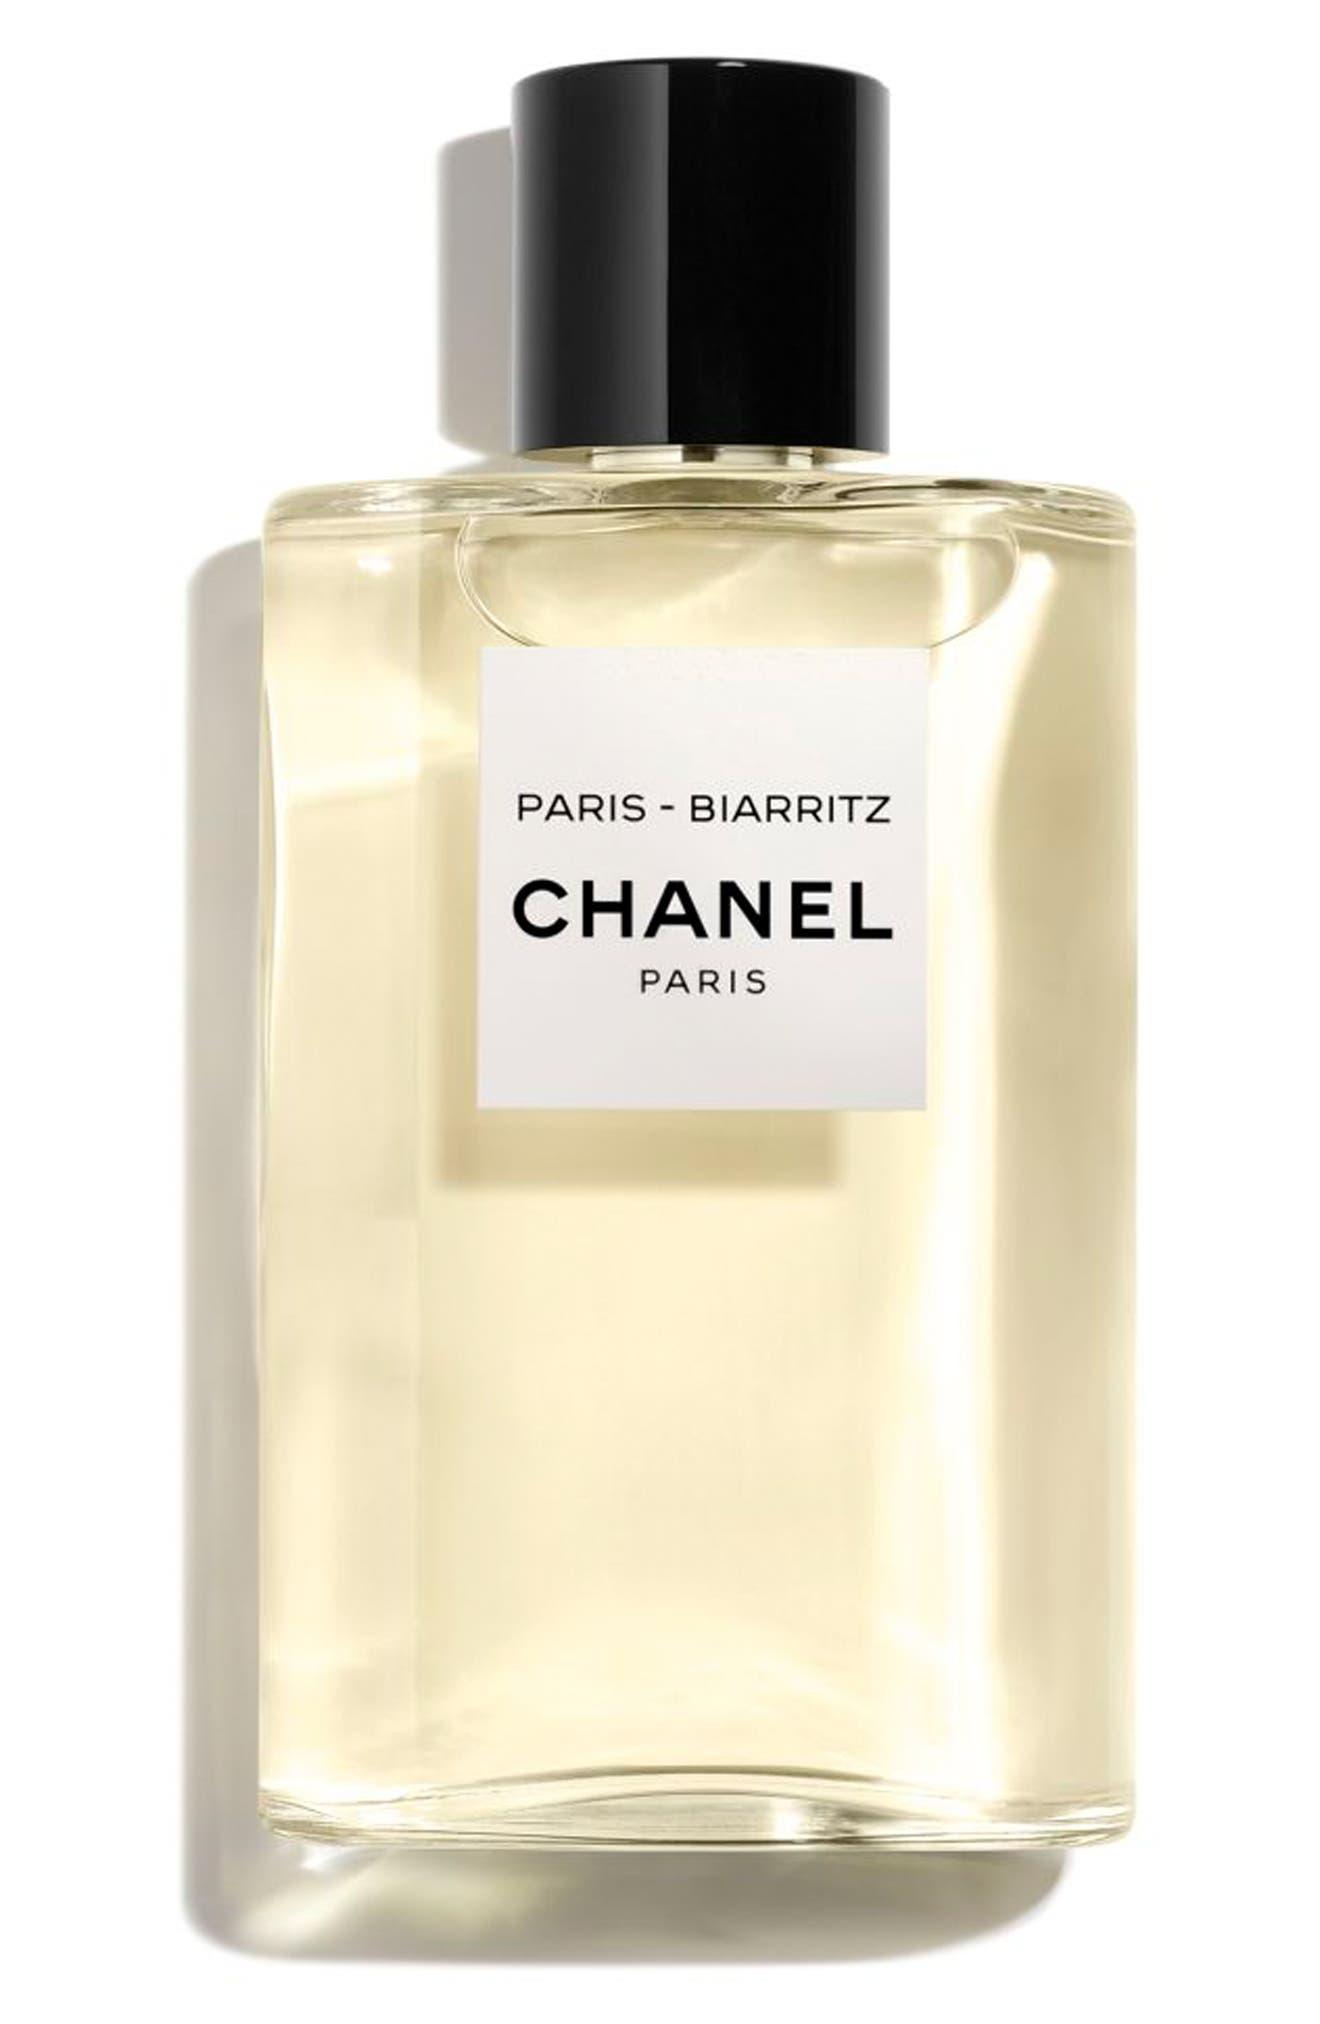 CHANEL, LES EAUX DE CHANEL PARIS-BIARRITZ Eau de Toilette, Main thumbnail 1, color, NO COLOR